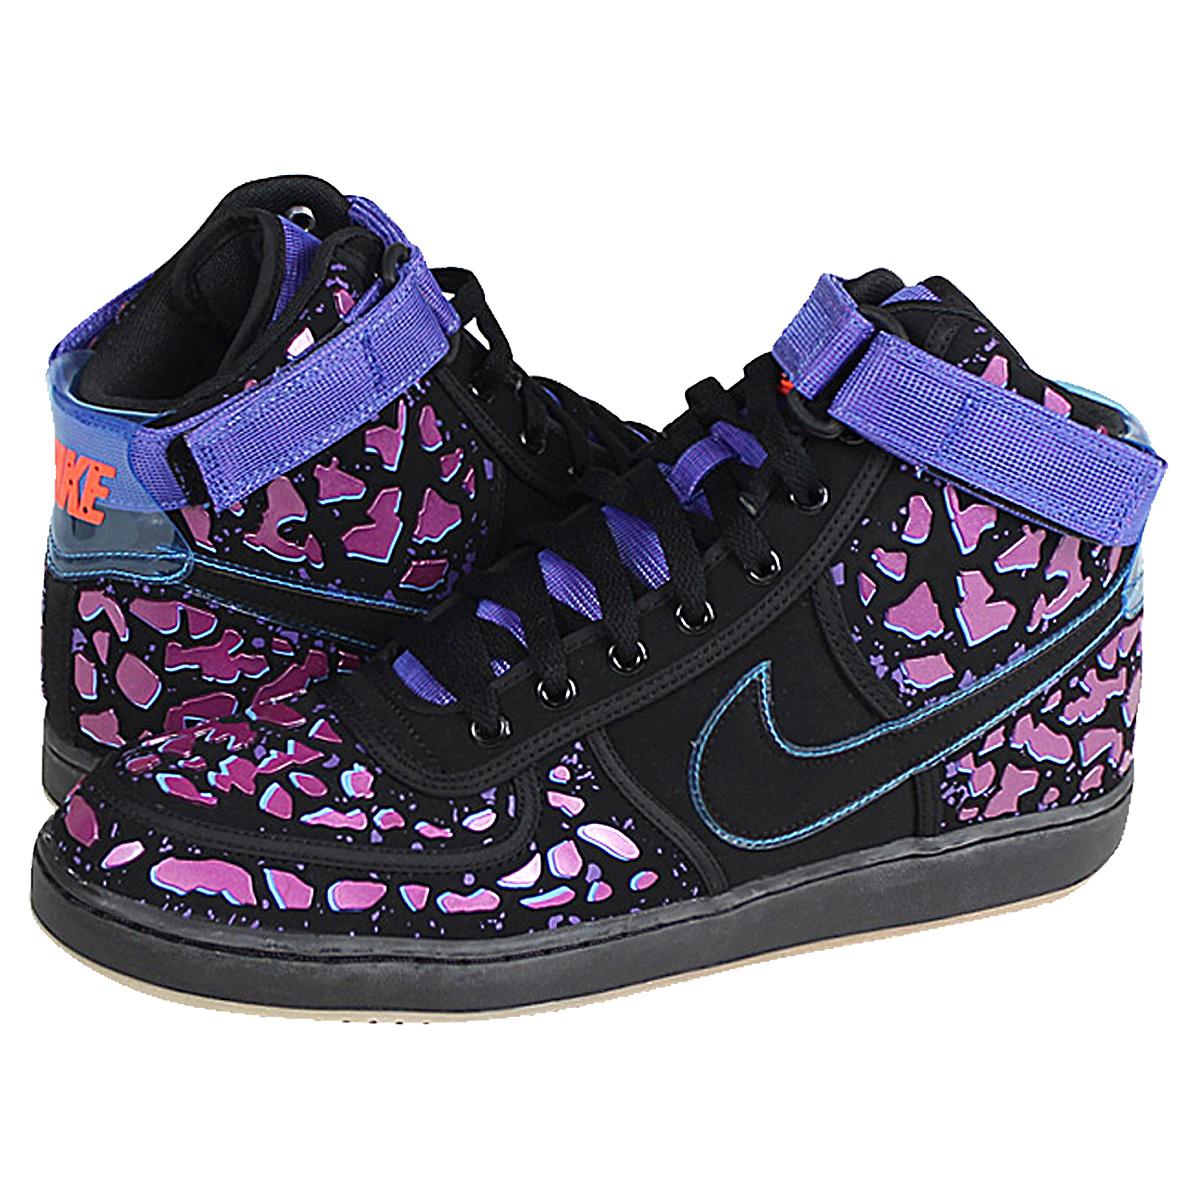 buy popular 1918a 38edc Nike NIKE vandal sneakers VANDAL PREMIUM QS AREA 72 vandals premium  597988-001 black mens